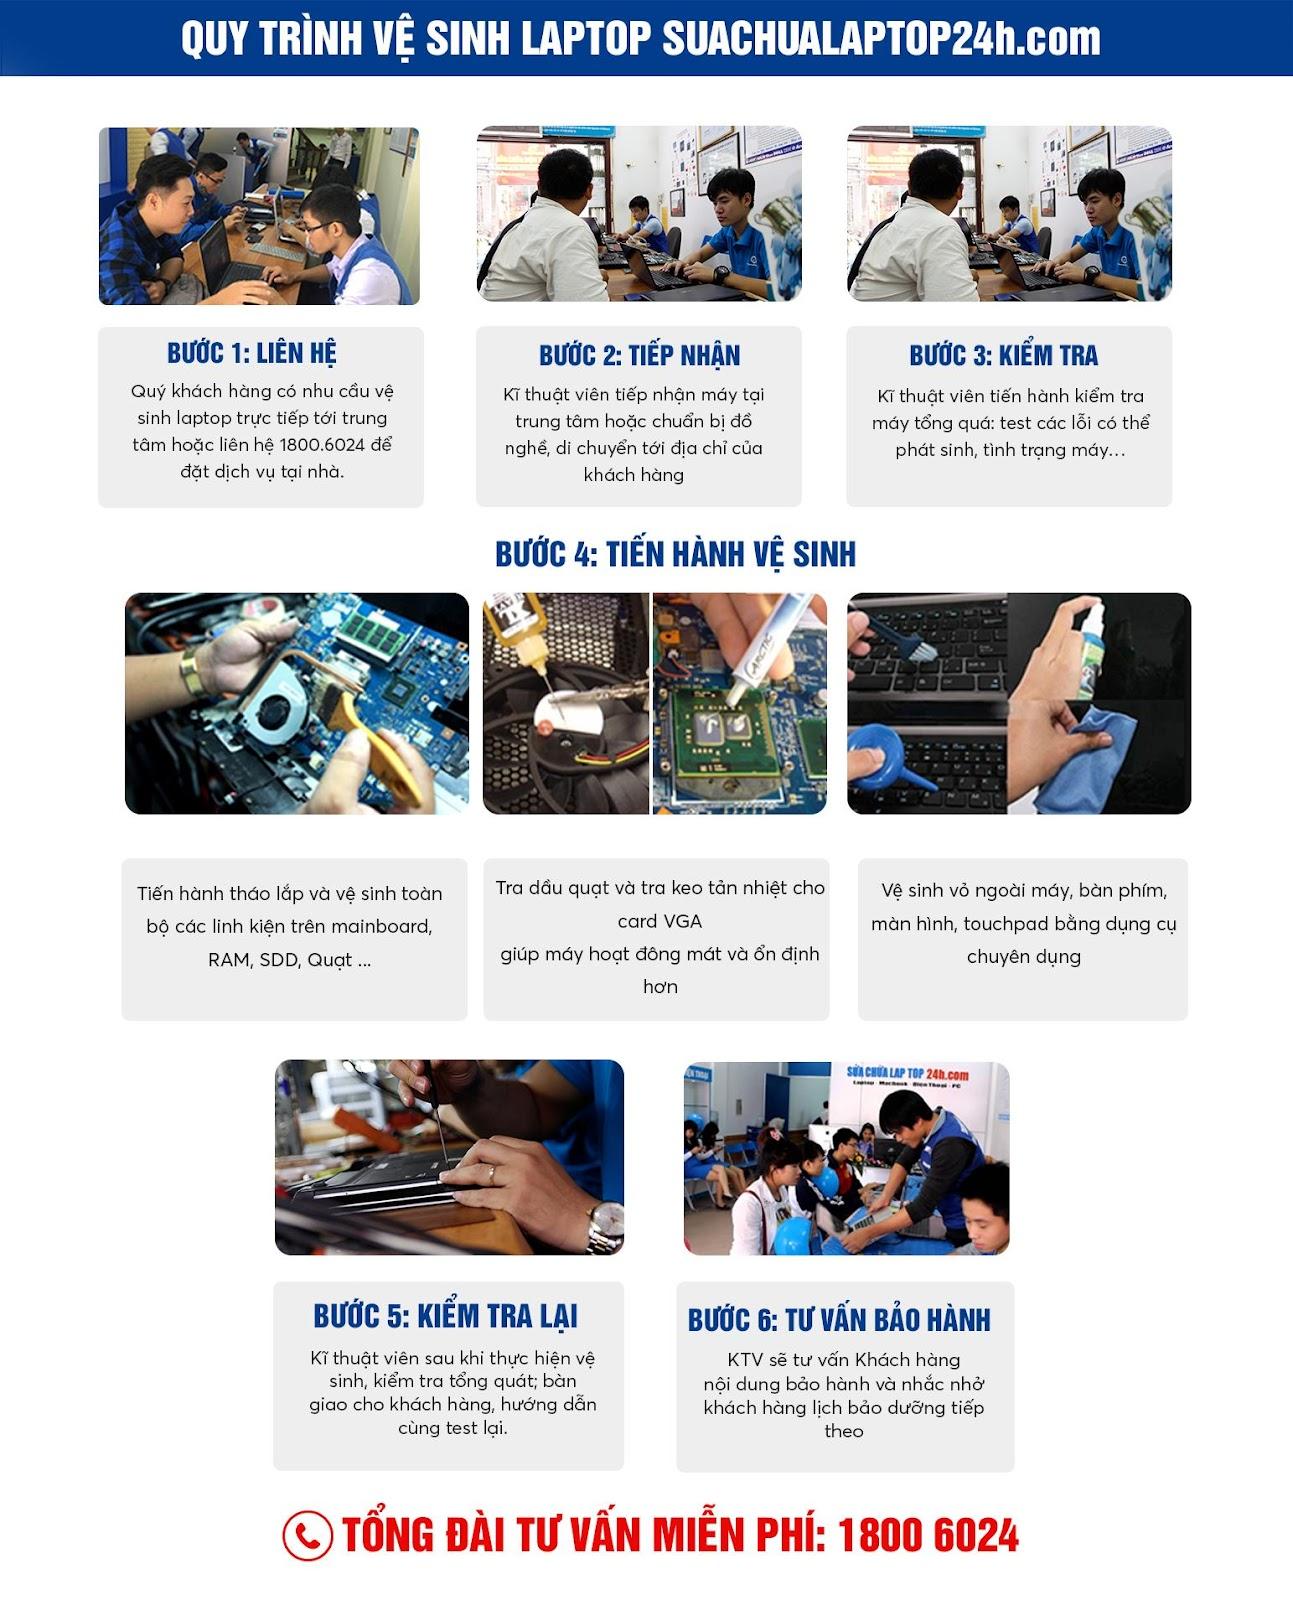 quy tinh vệ sinh, bảo dưỡng laptop tại suachualaptop24h.com